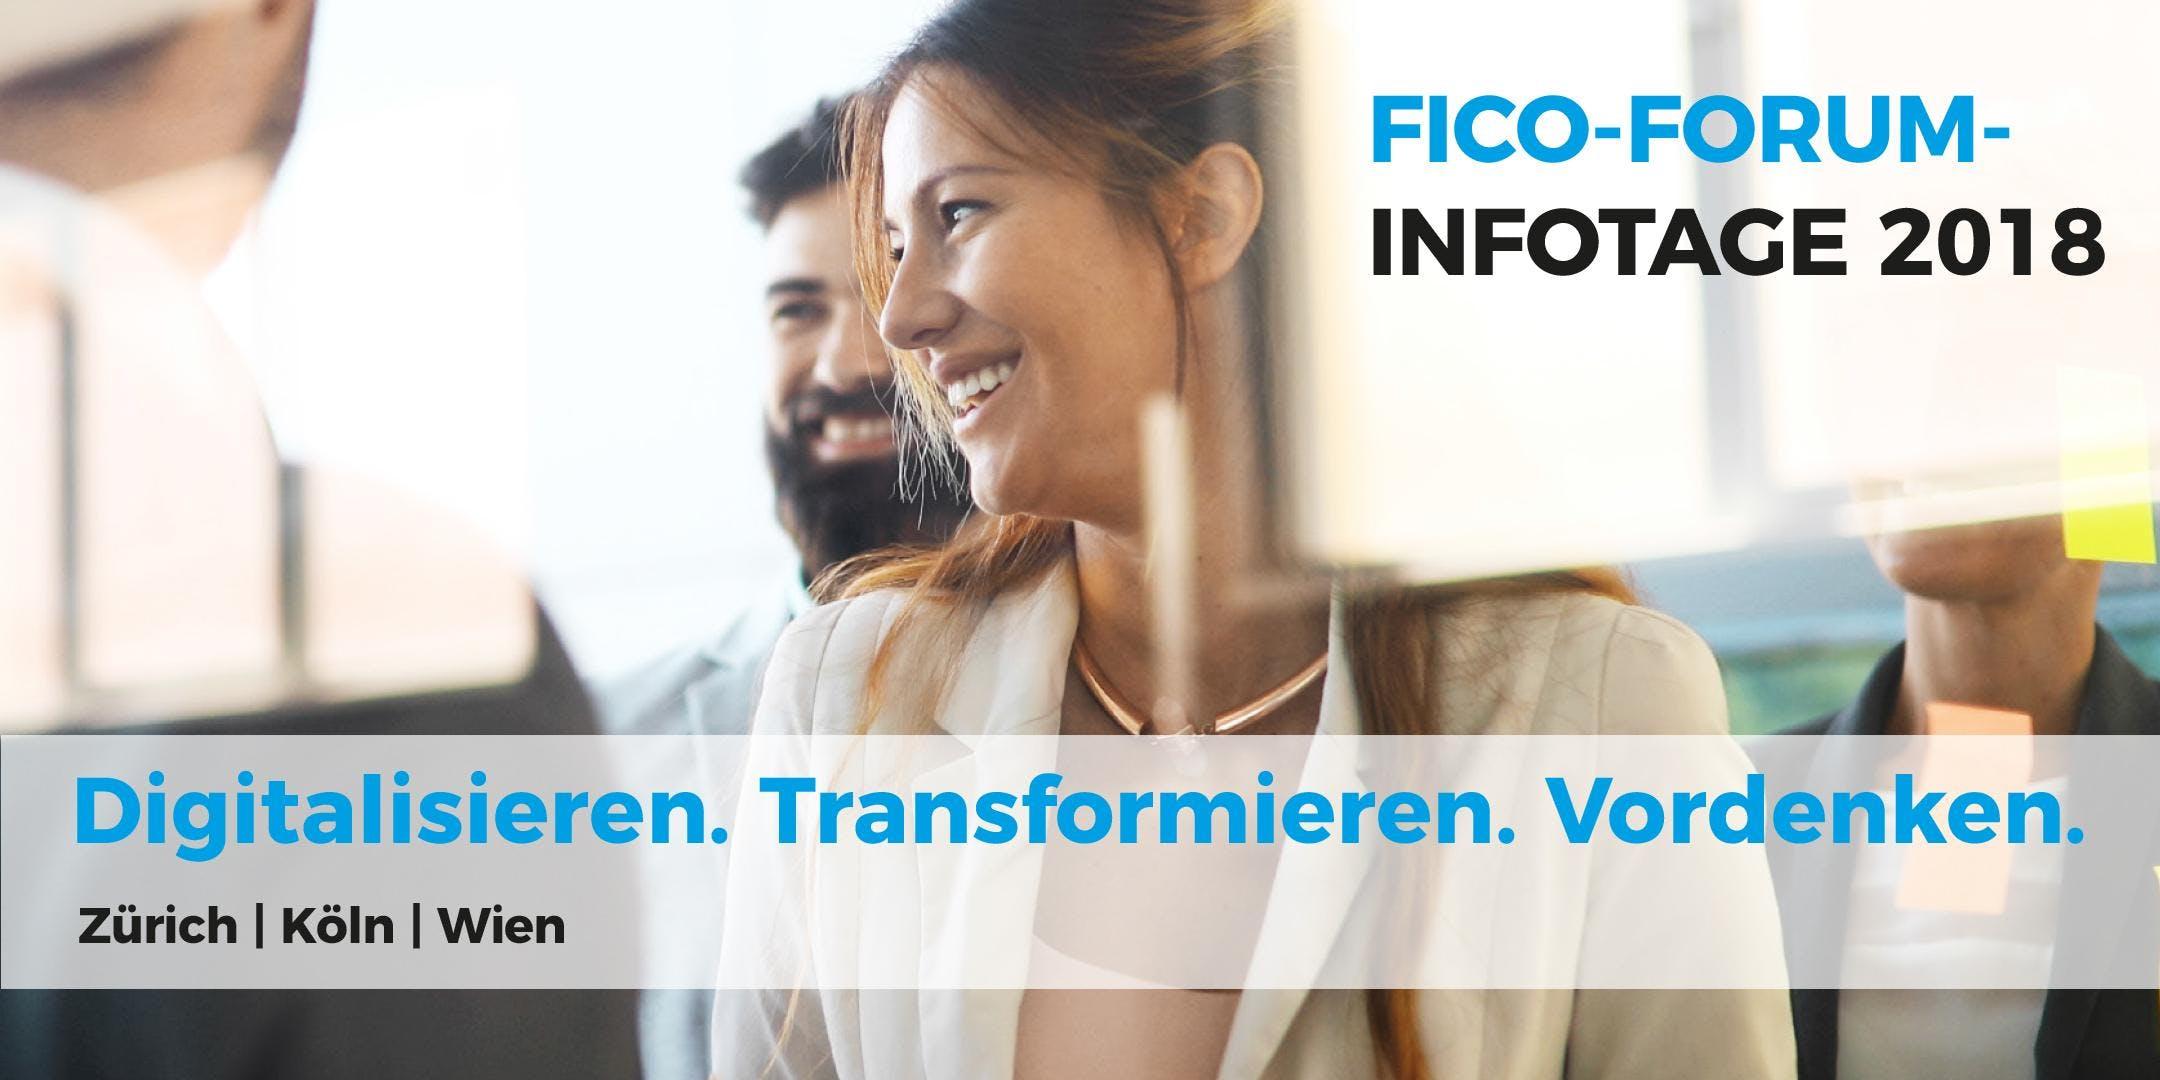 FICO-FORUM-INFOTAGE 2018 (Zürich, CH)